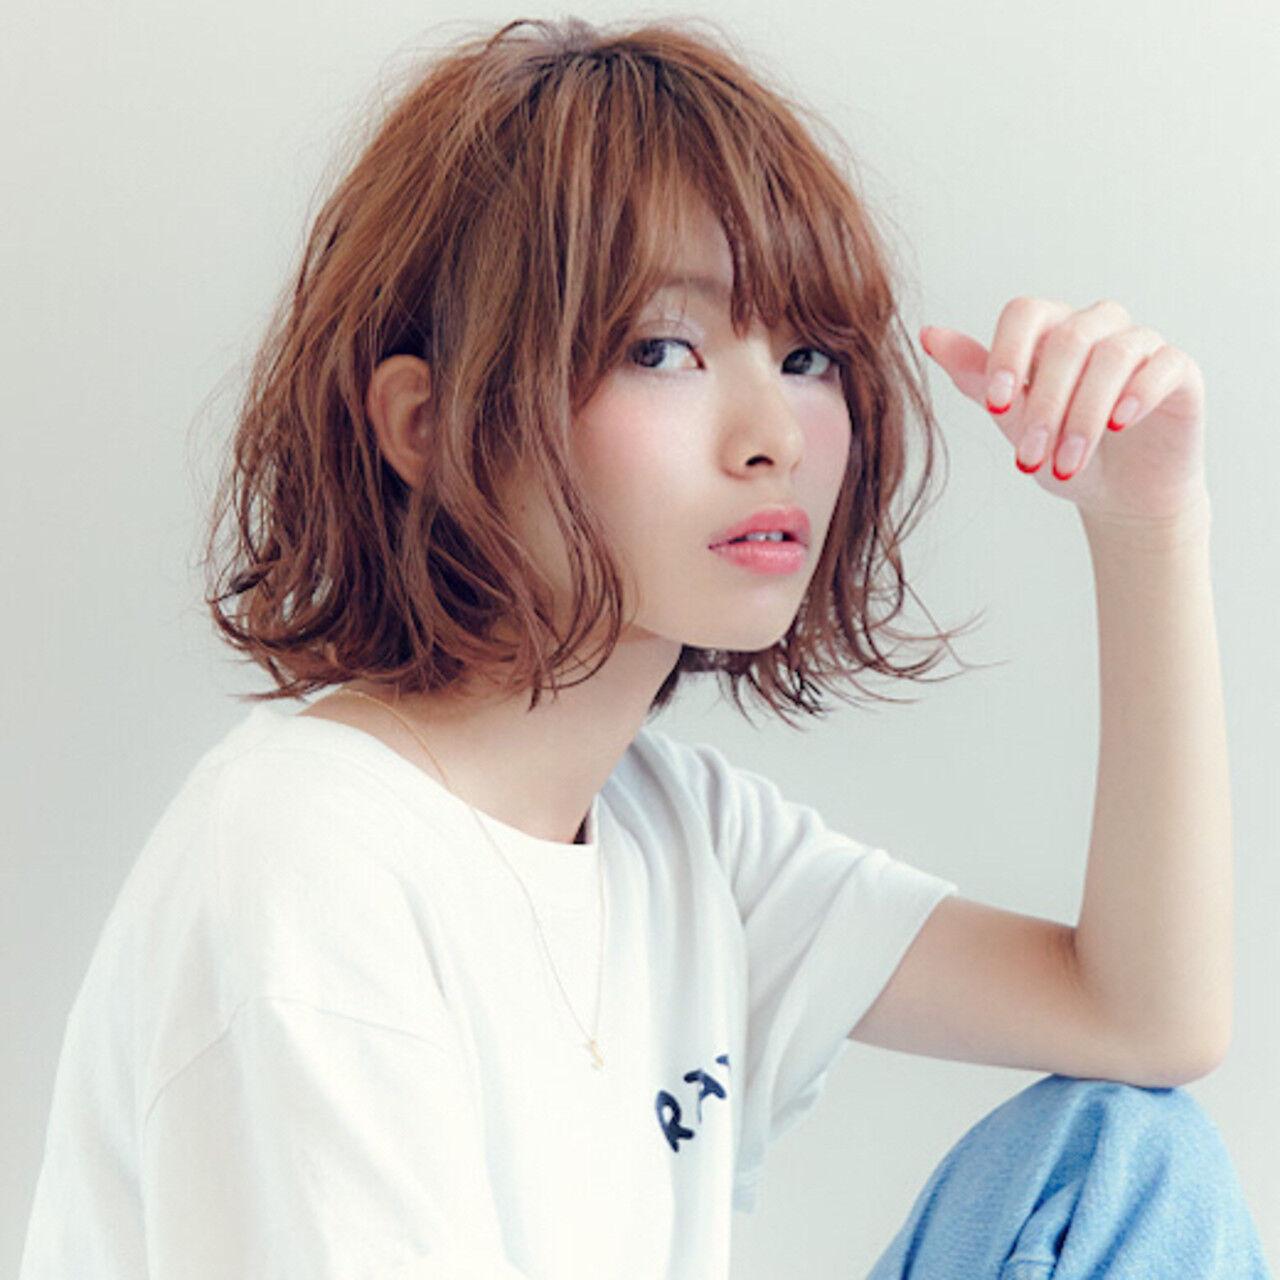 鈴木シュウヘイ/dydi